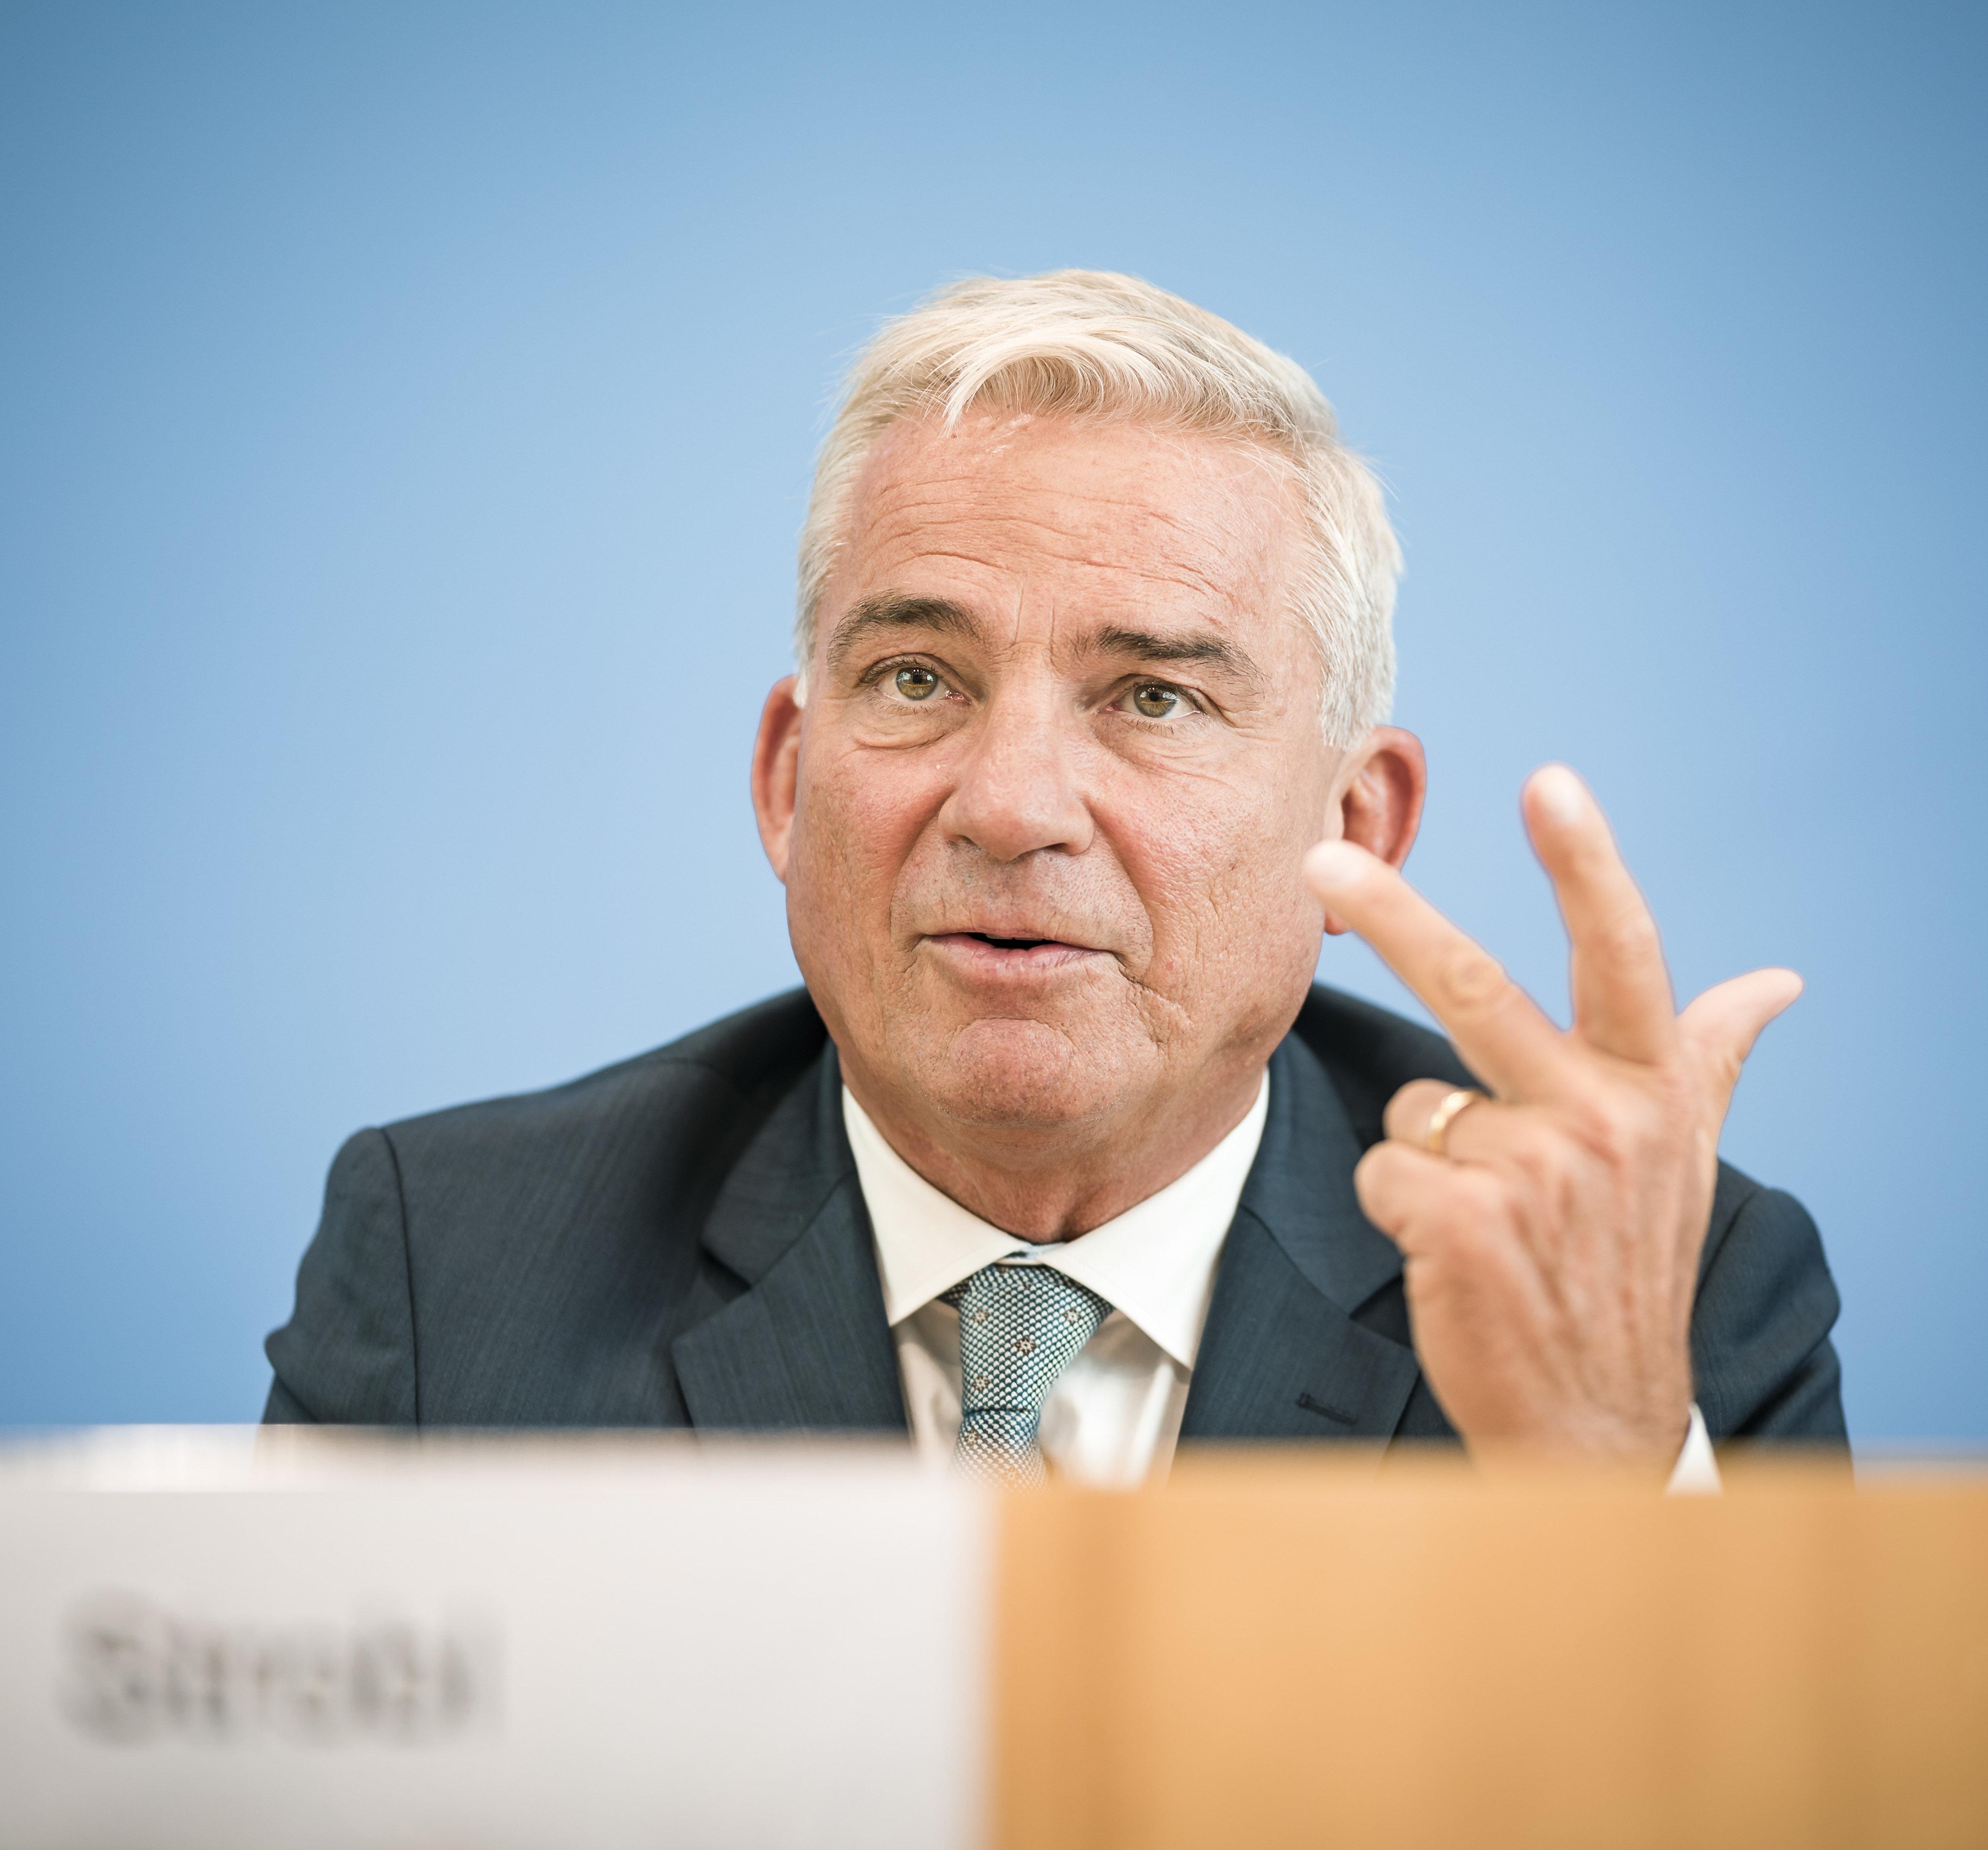 CDU-Vorstand kritisiert SPD in Maaßen-Affäre: